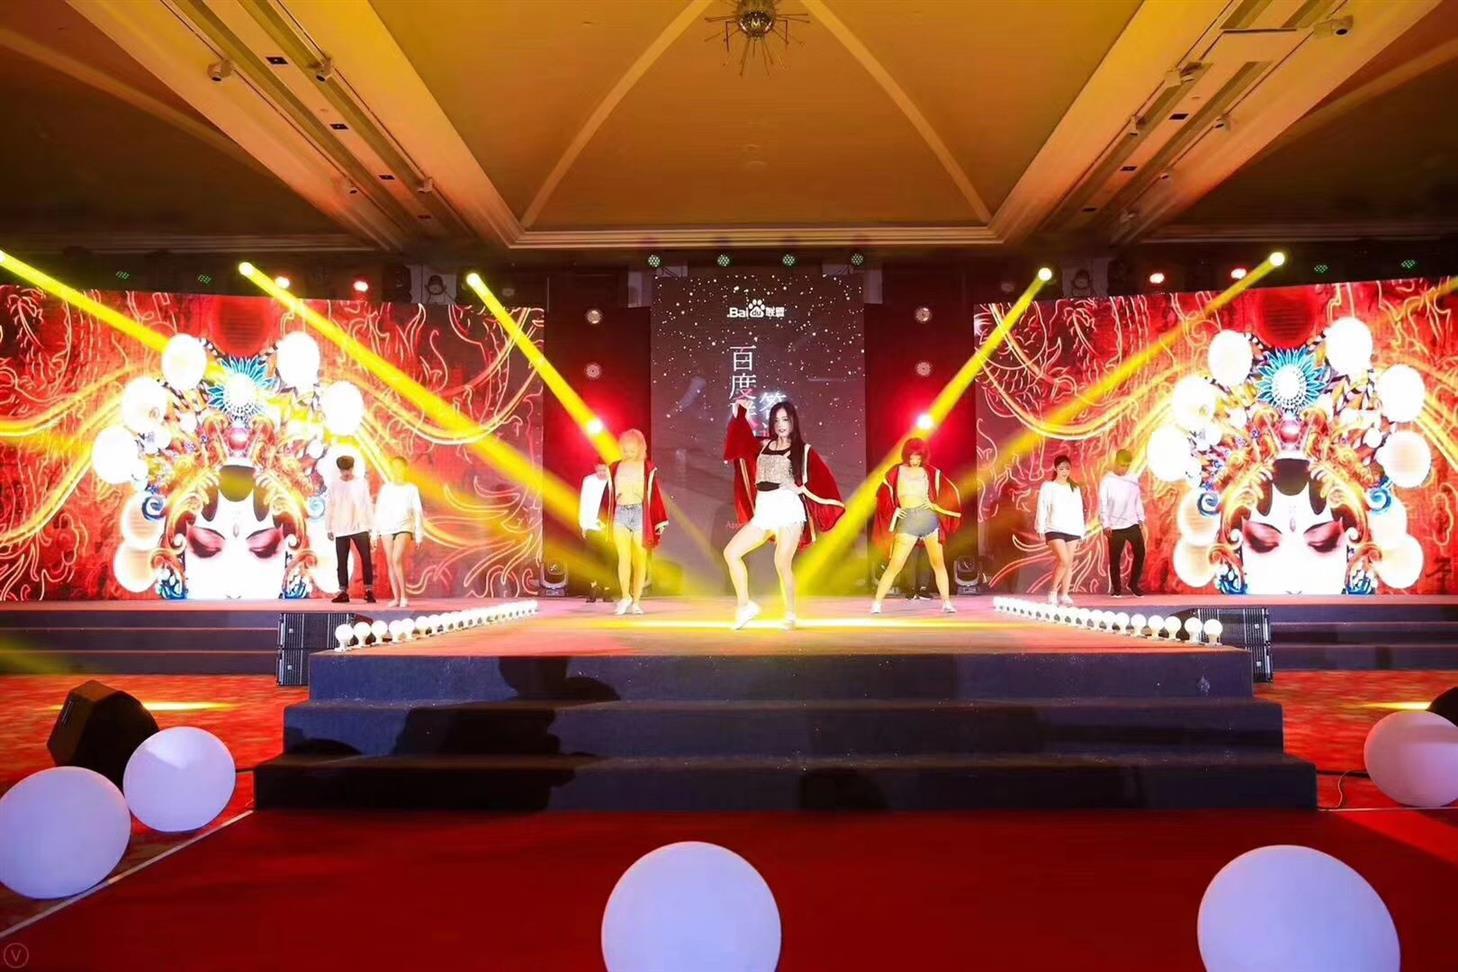 上海发布会LED大屏幕木结构背景板